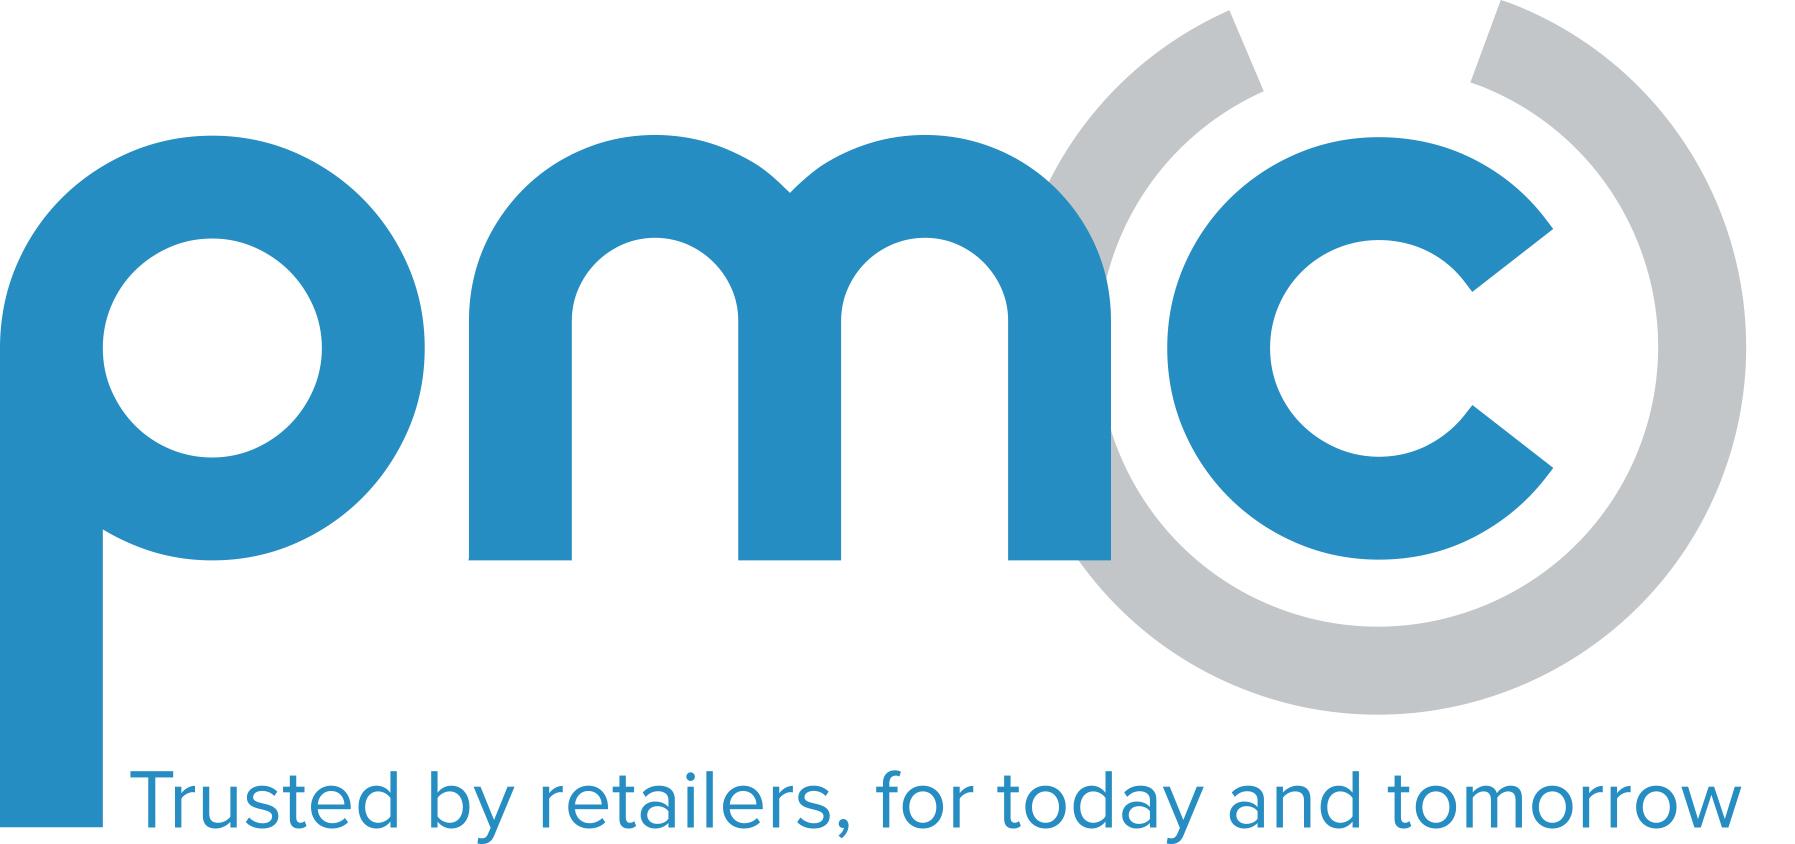 Retail Tomorrow 2020 Client Logo PMC